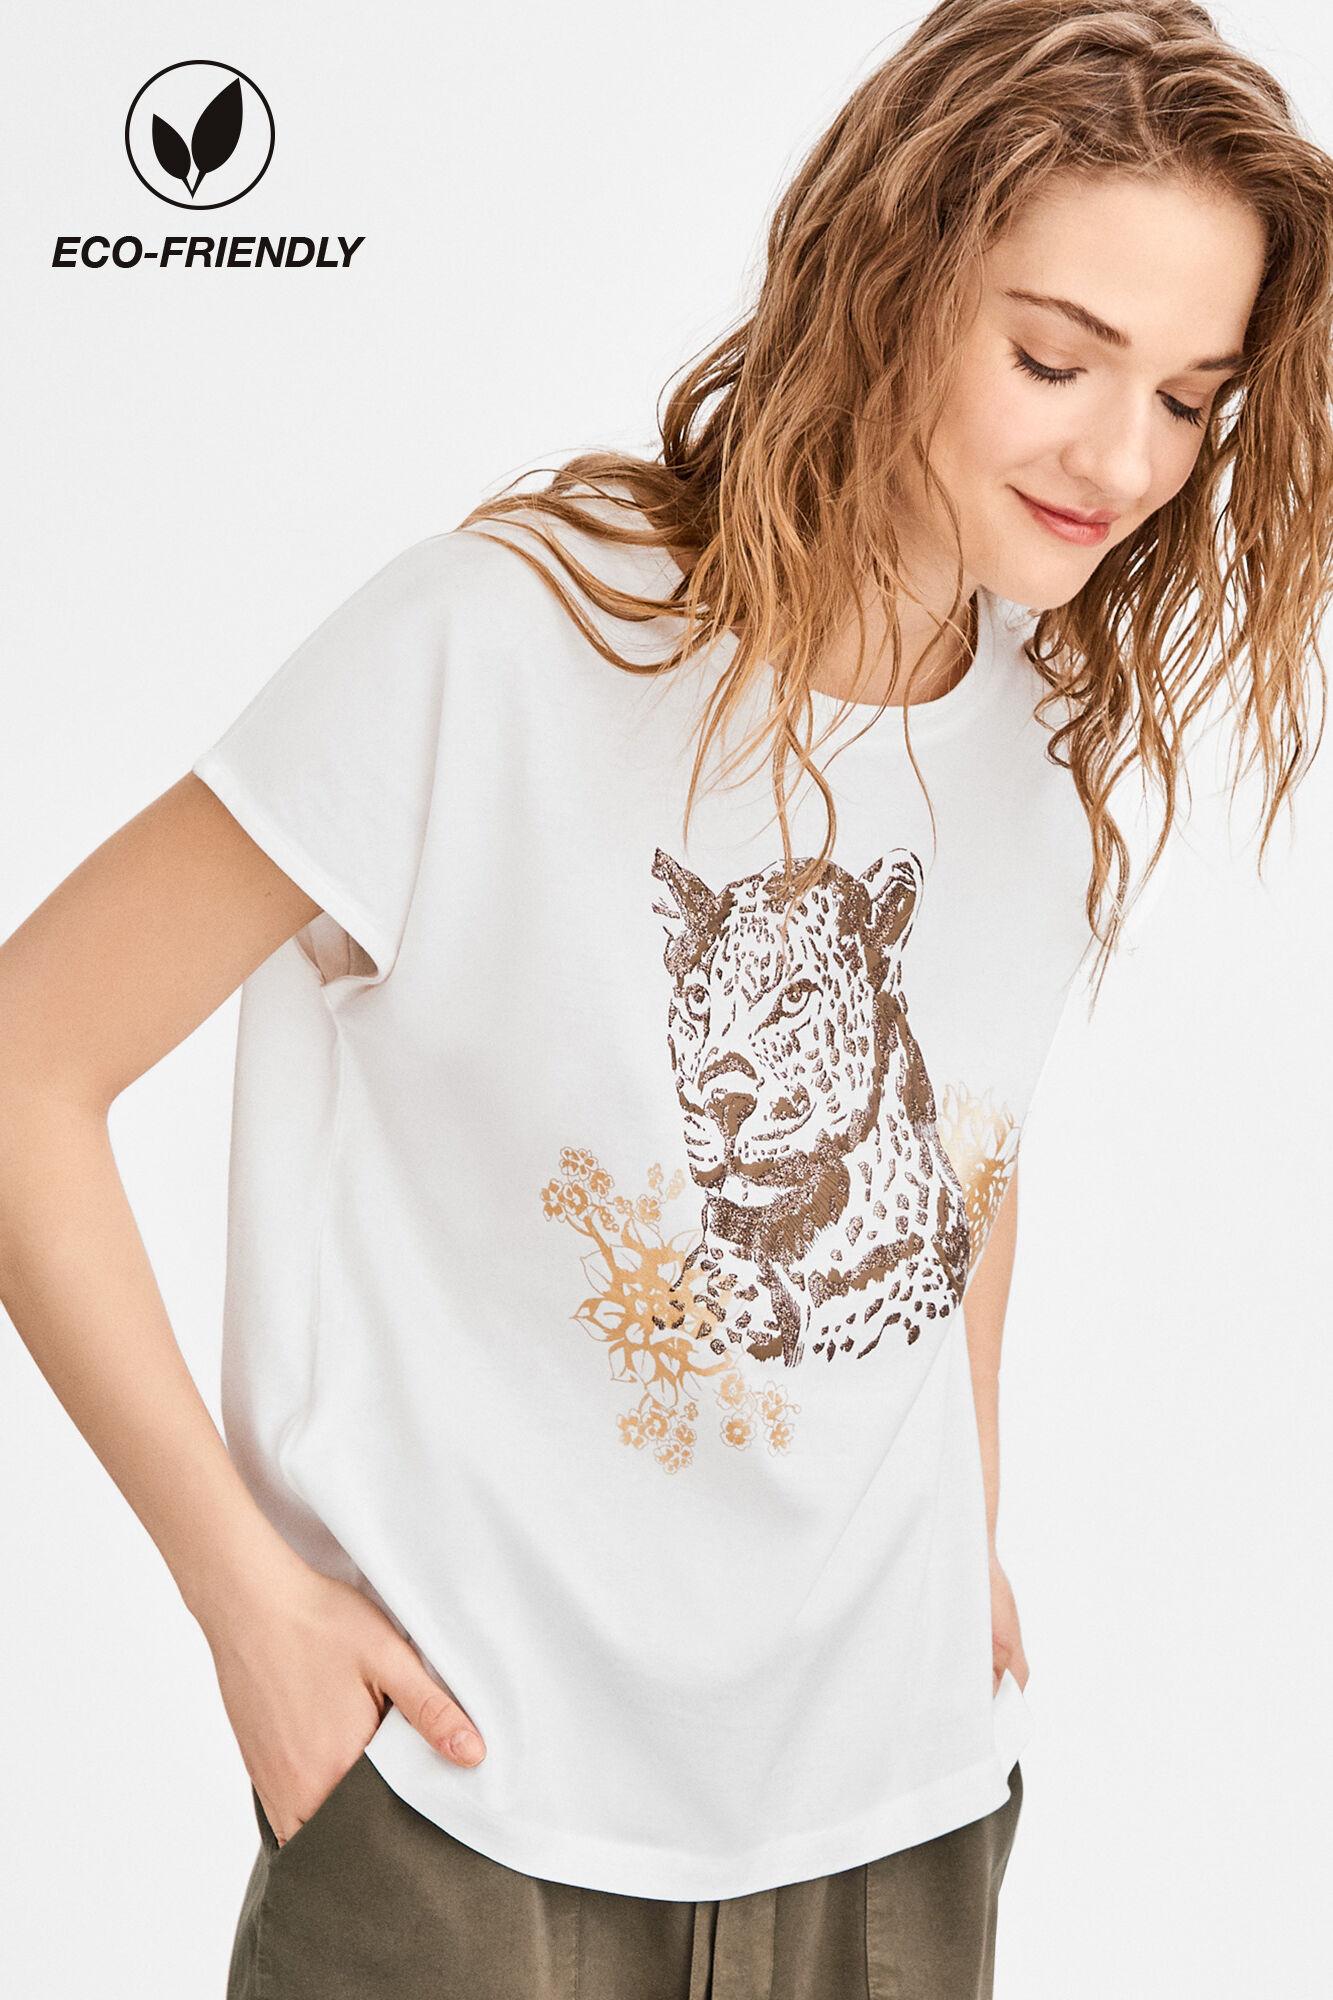 Y Tops Y Camisetas MujerCortefiel De Tops De Tops MujerCortefiel Y Camisetas TKc3FJ51ul